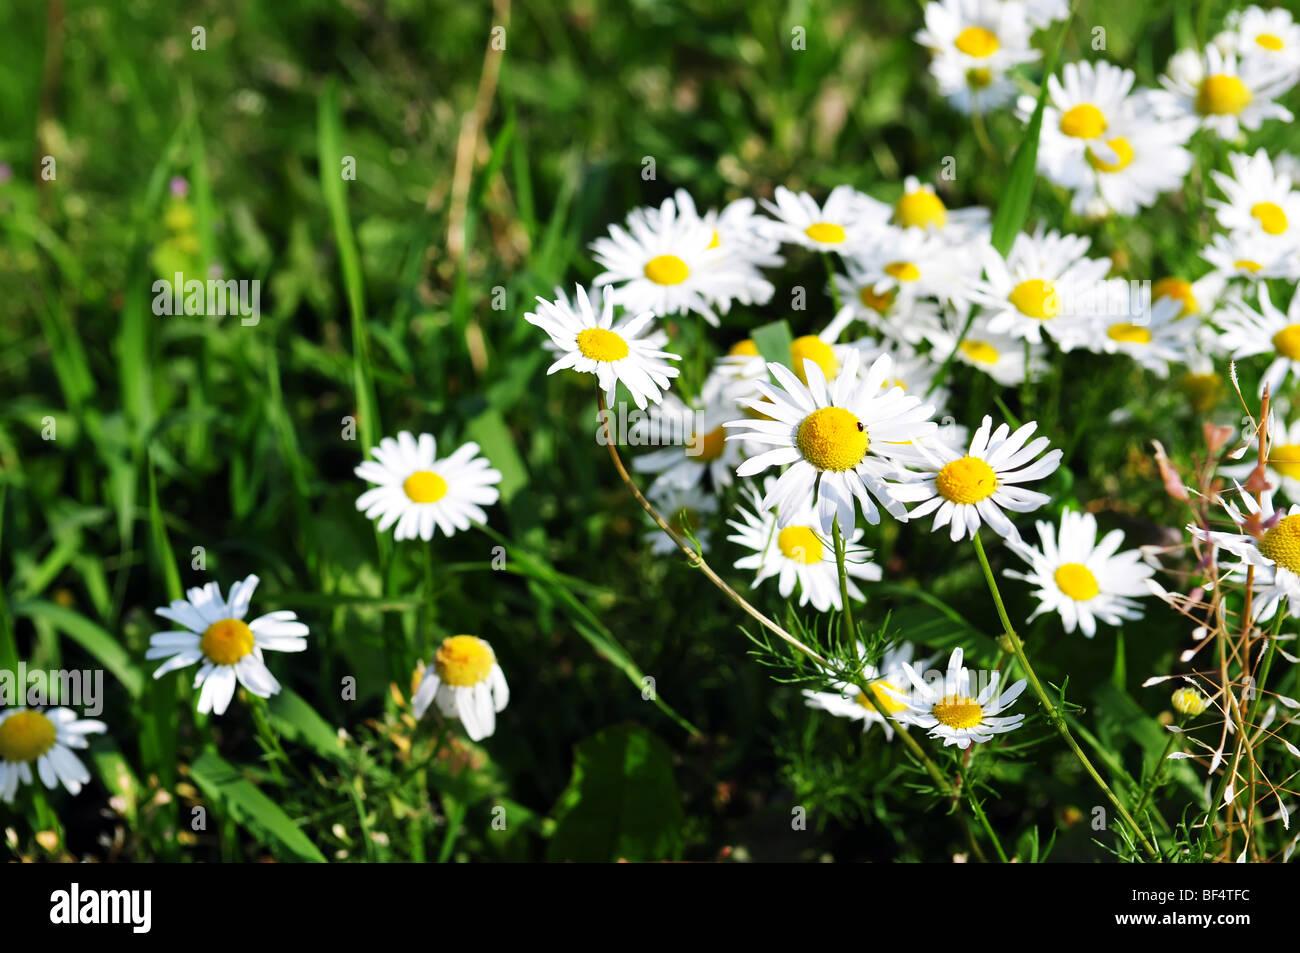 Kamille auf natürlichen Hintergrund - flachen dof Stockbild